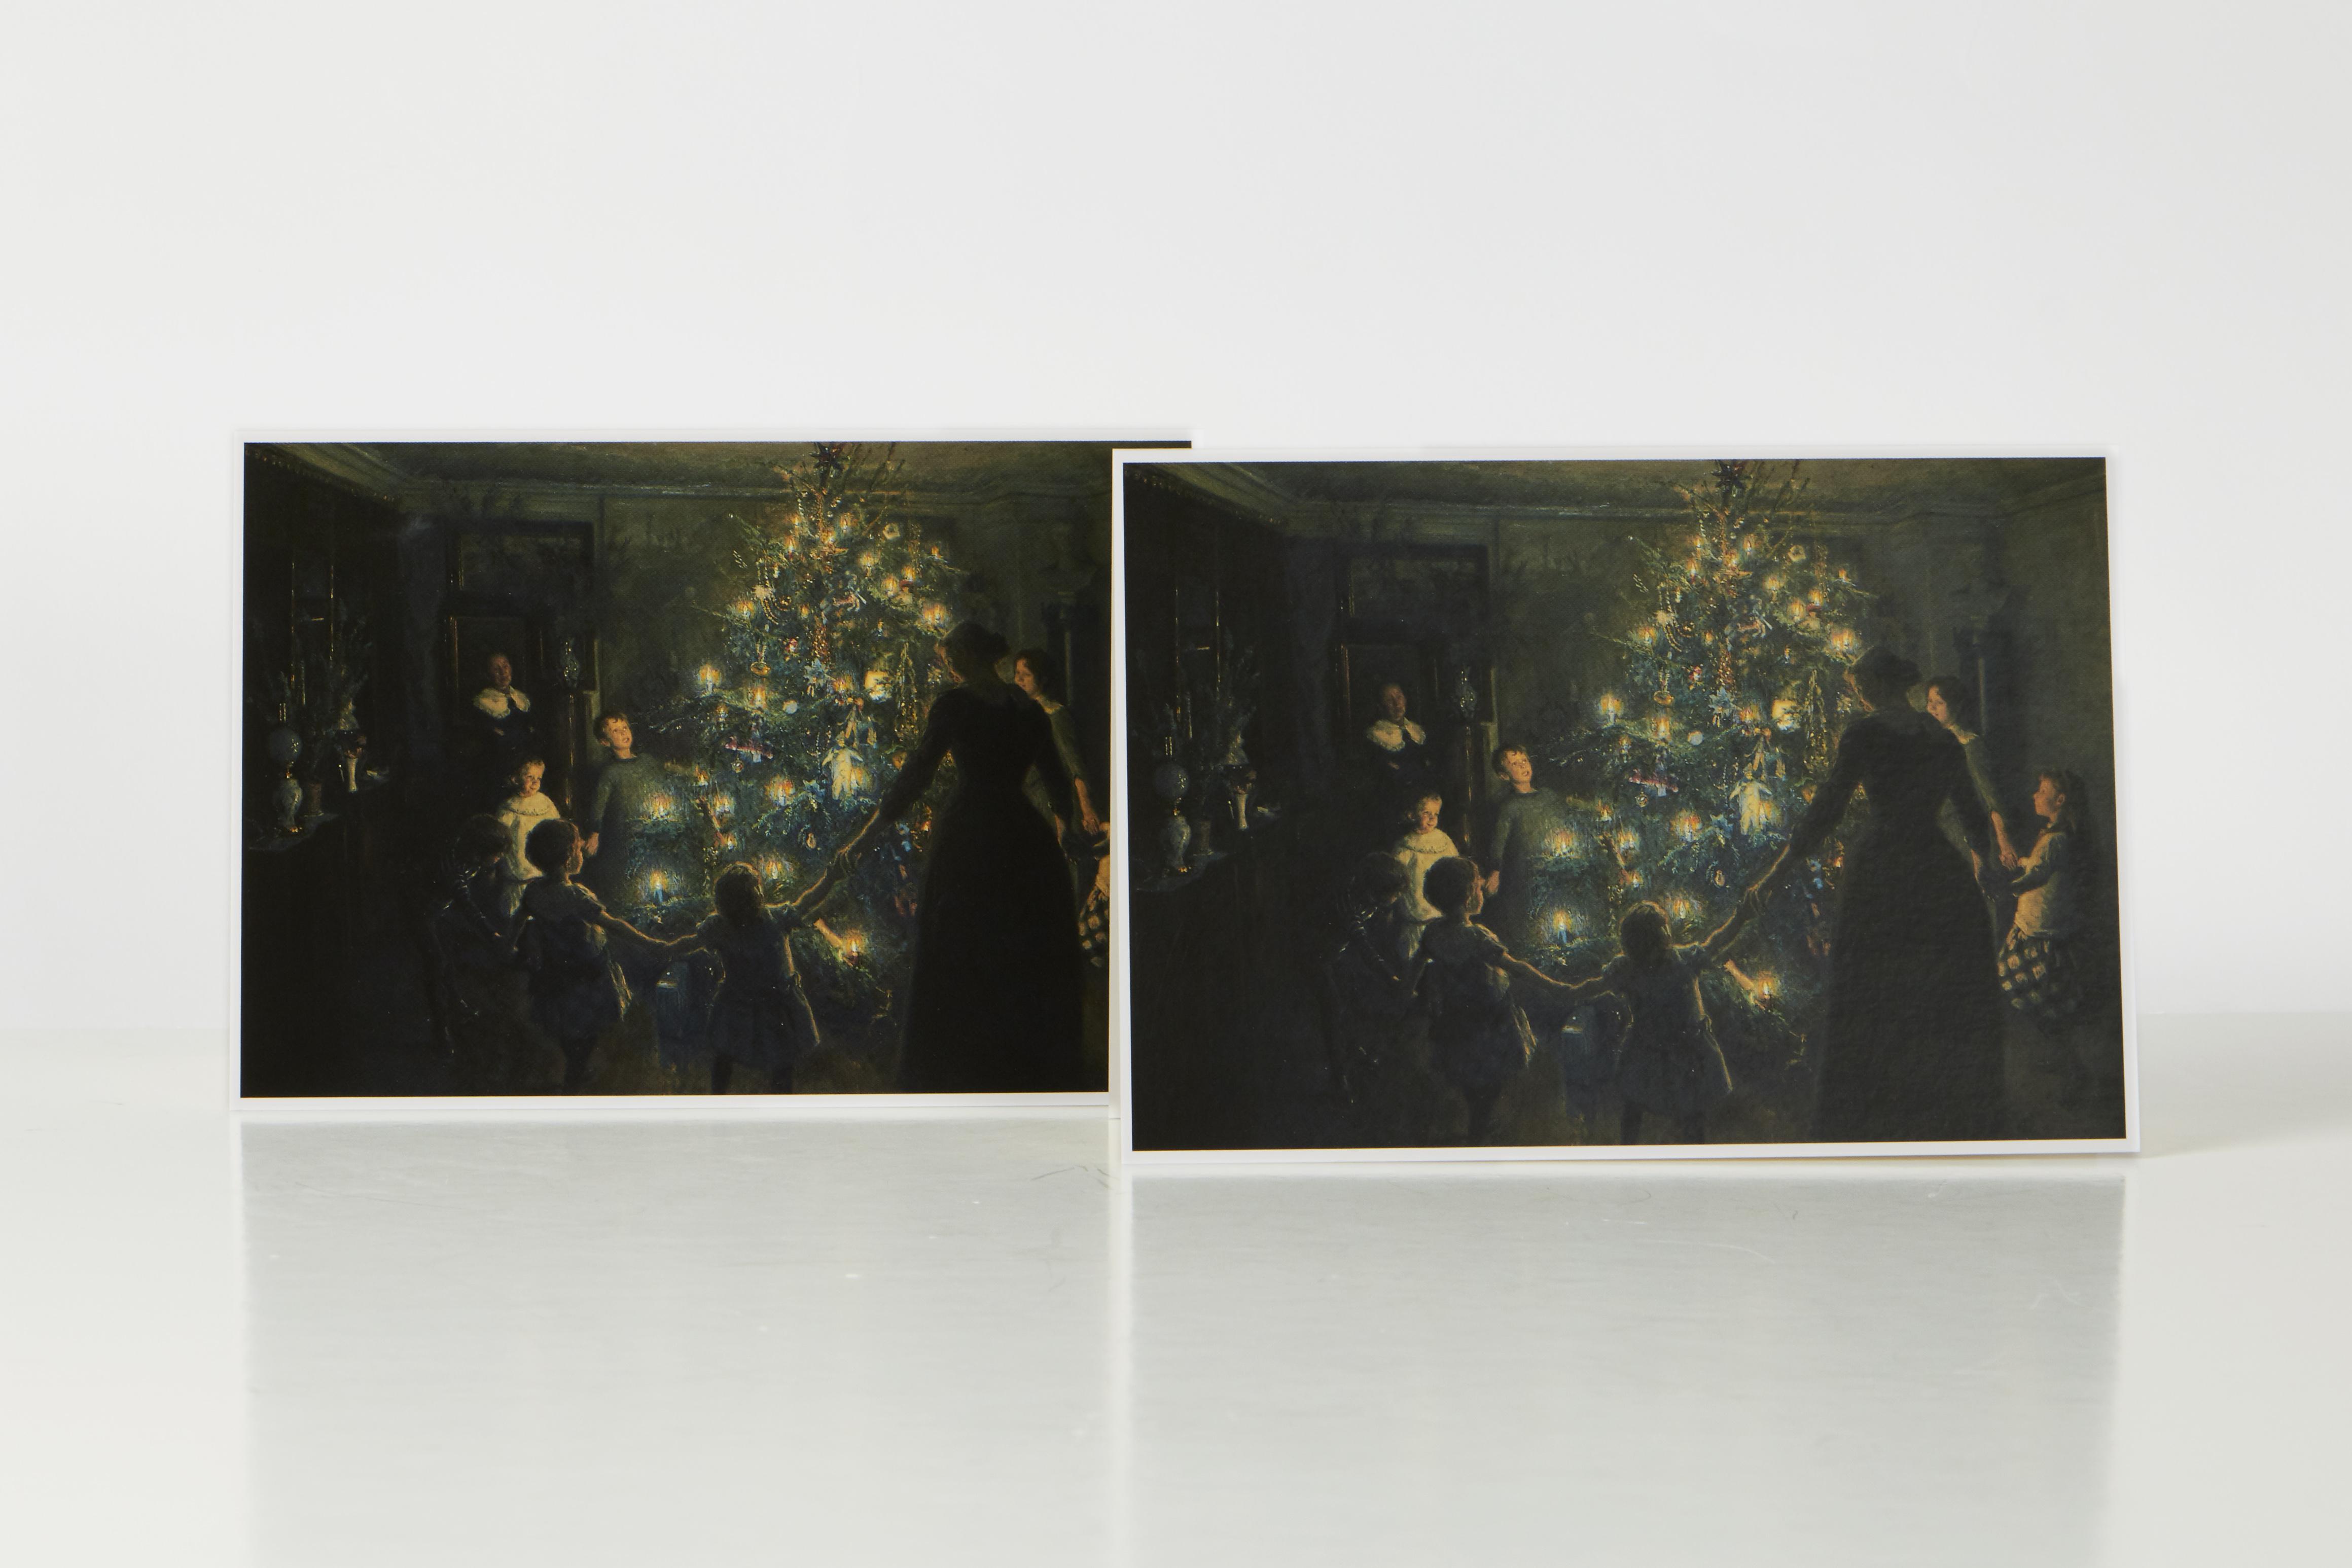 Julekort med motivet 'Glade jul' af Viggo Johansen